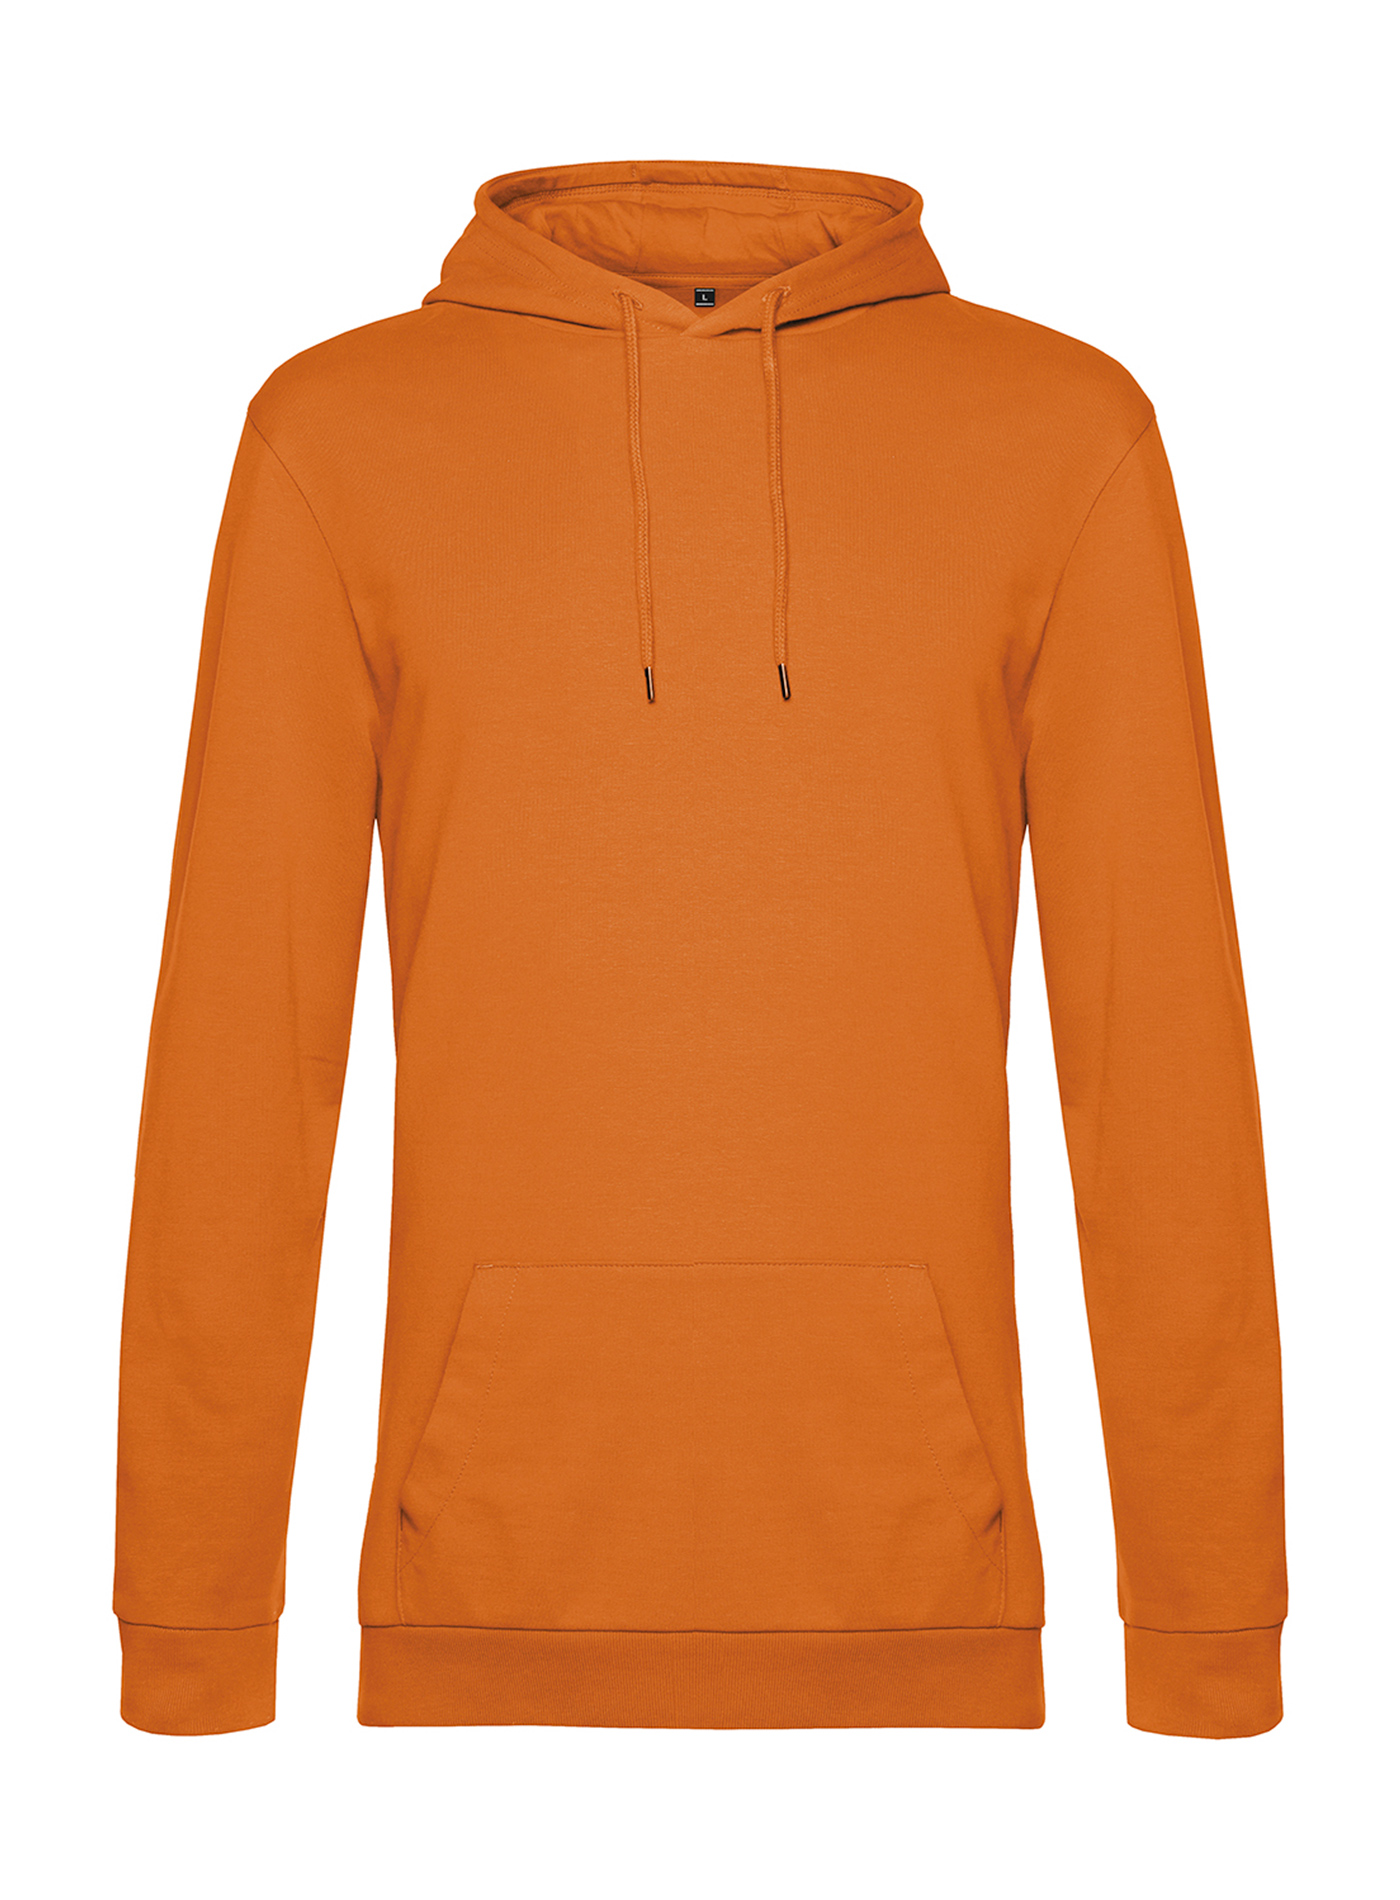 Pánská mikina Terry - Oranžová XXL